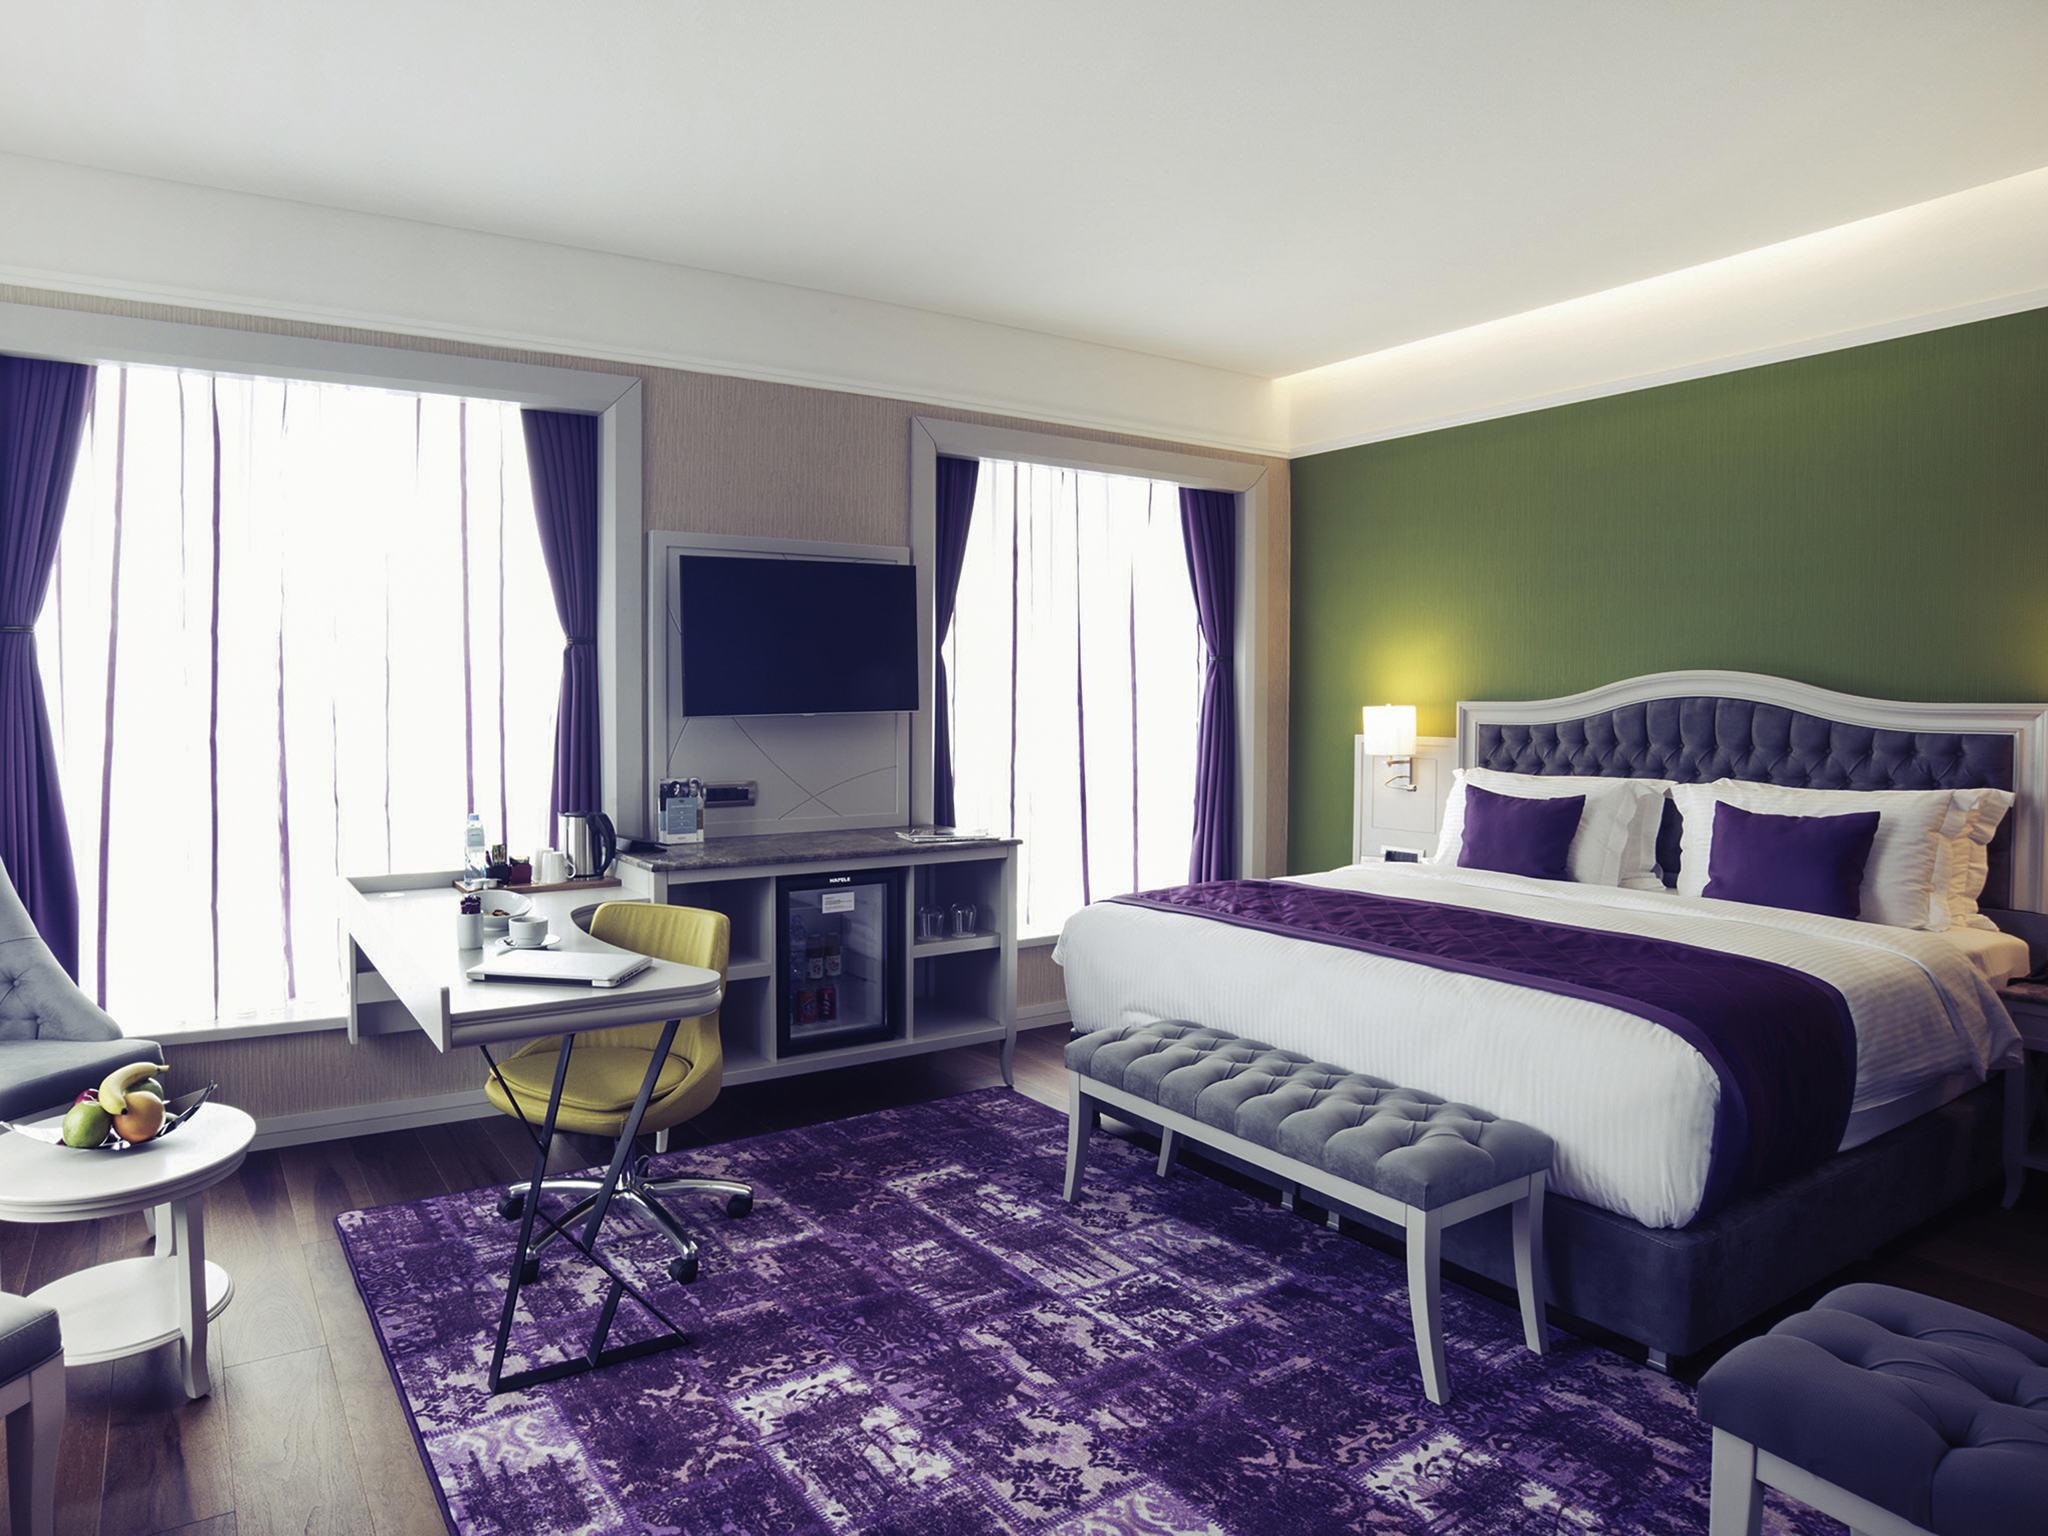 فندق - فندق مركيور Mercure تبليسي أولد تاون